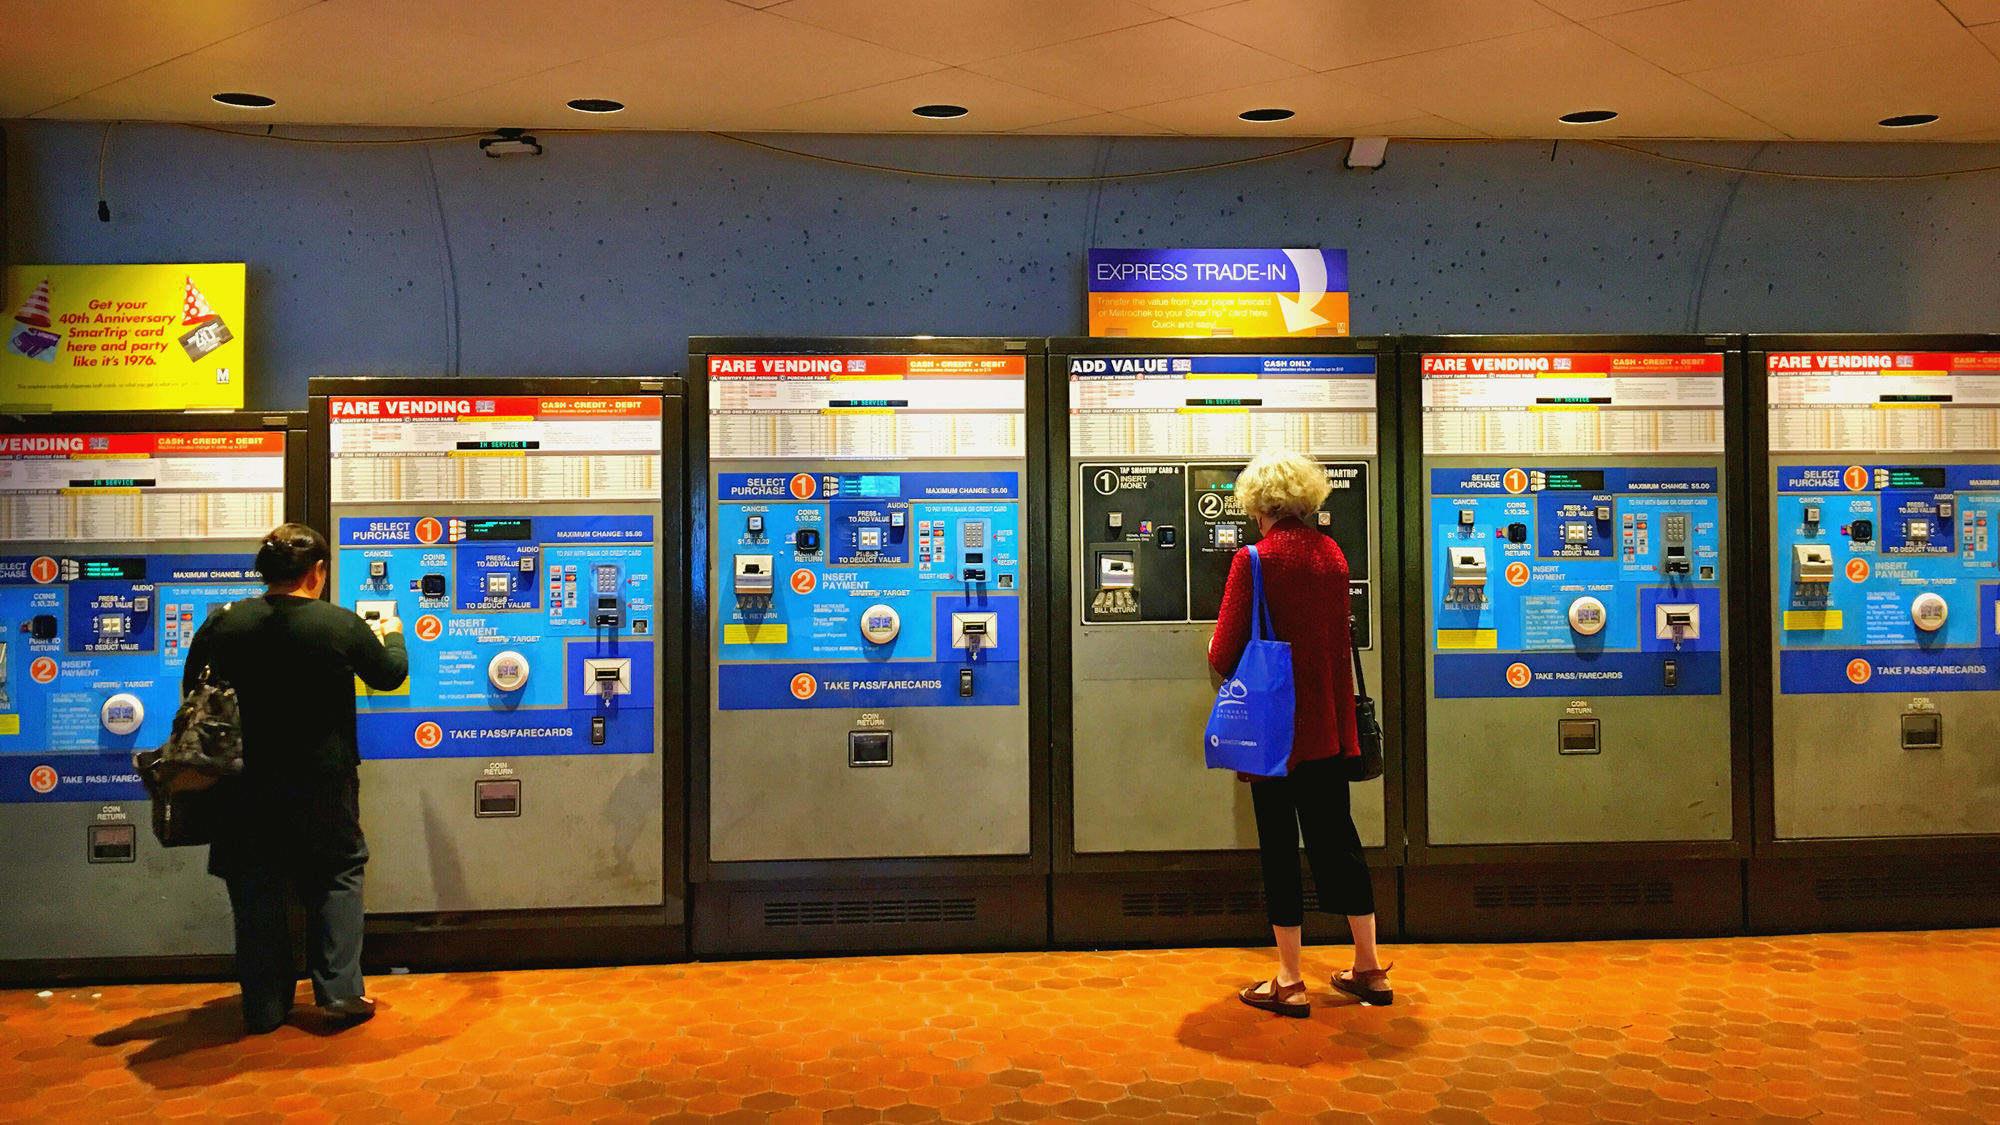 超级复杂的售票机,高高低低的台座适合不同身高的人,非常人性化的设计。等等,哪里不太对?